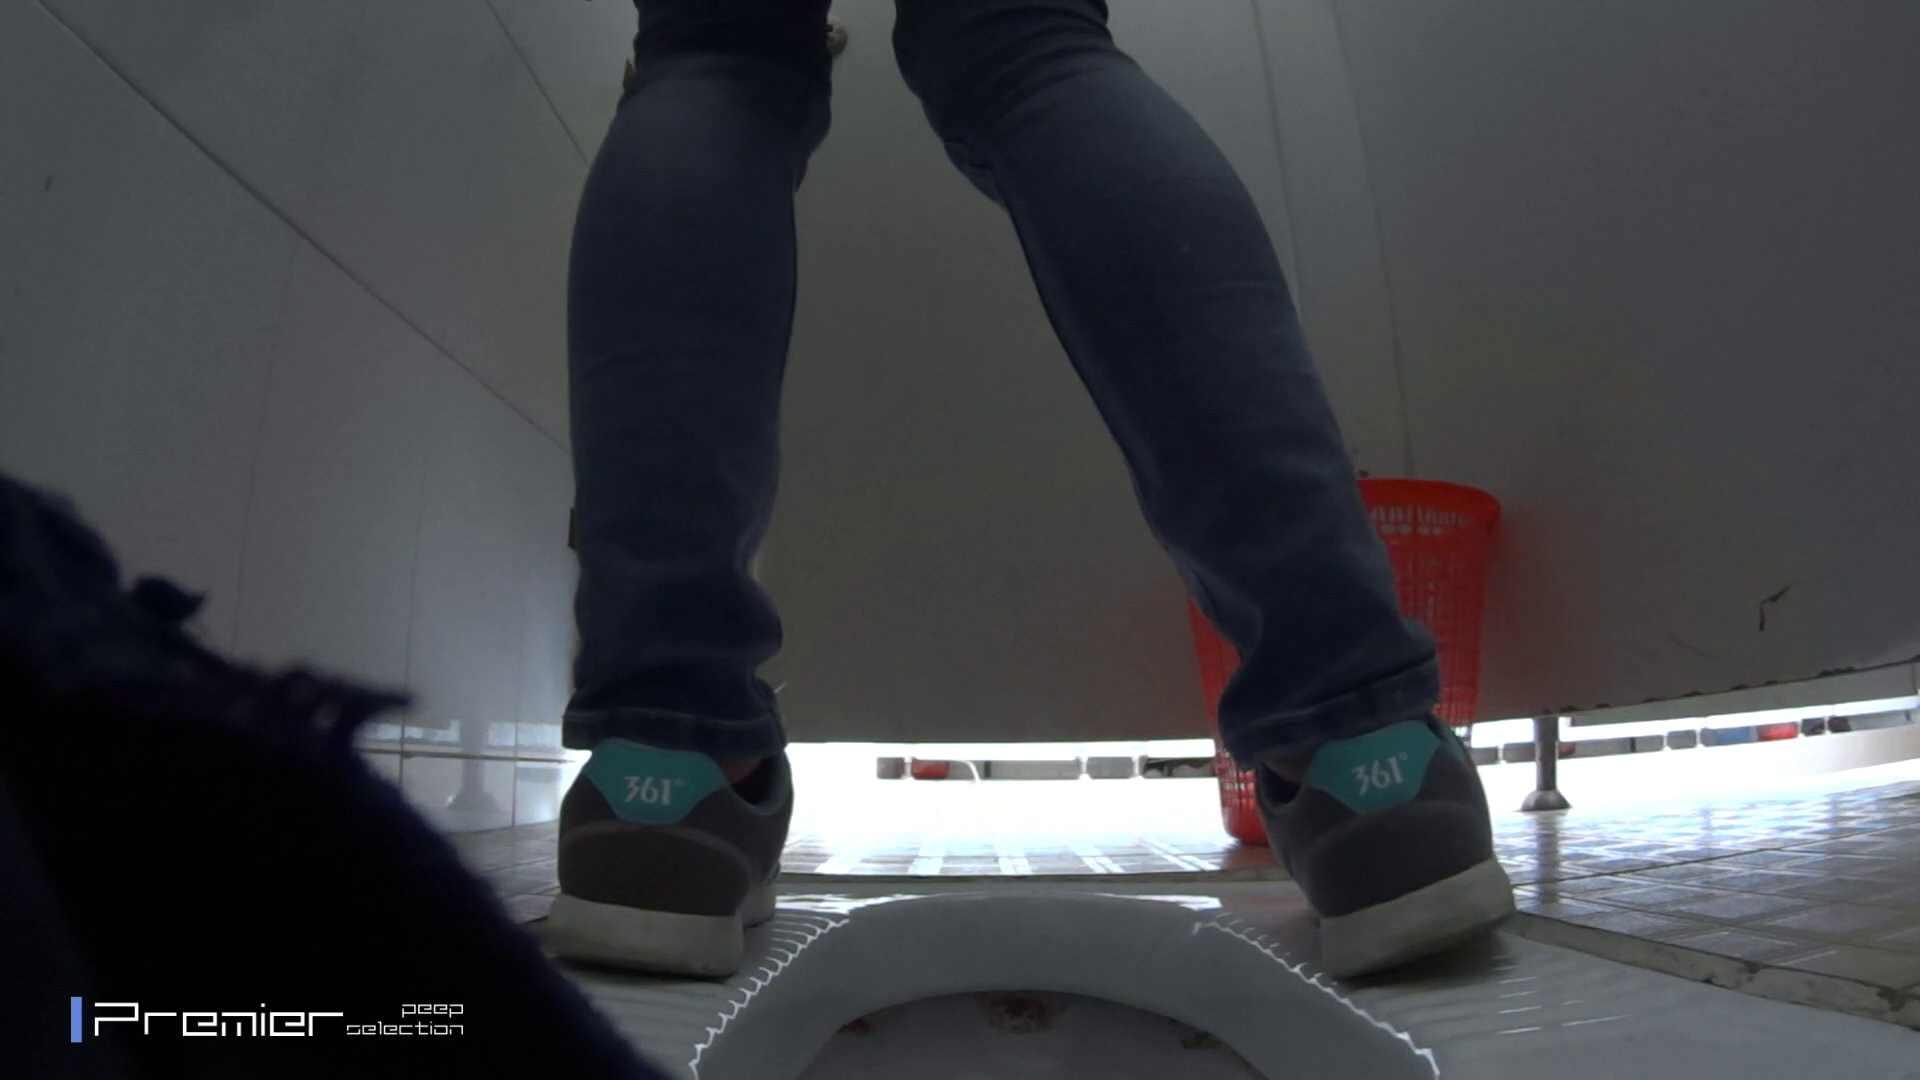 めくれ上がる陰部からの大聖水!大学休憩時間の洗面所事情27 洗面所のぞき アダルト動画キャプチャ 105枚 57